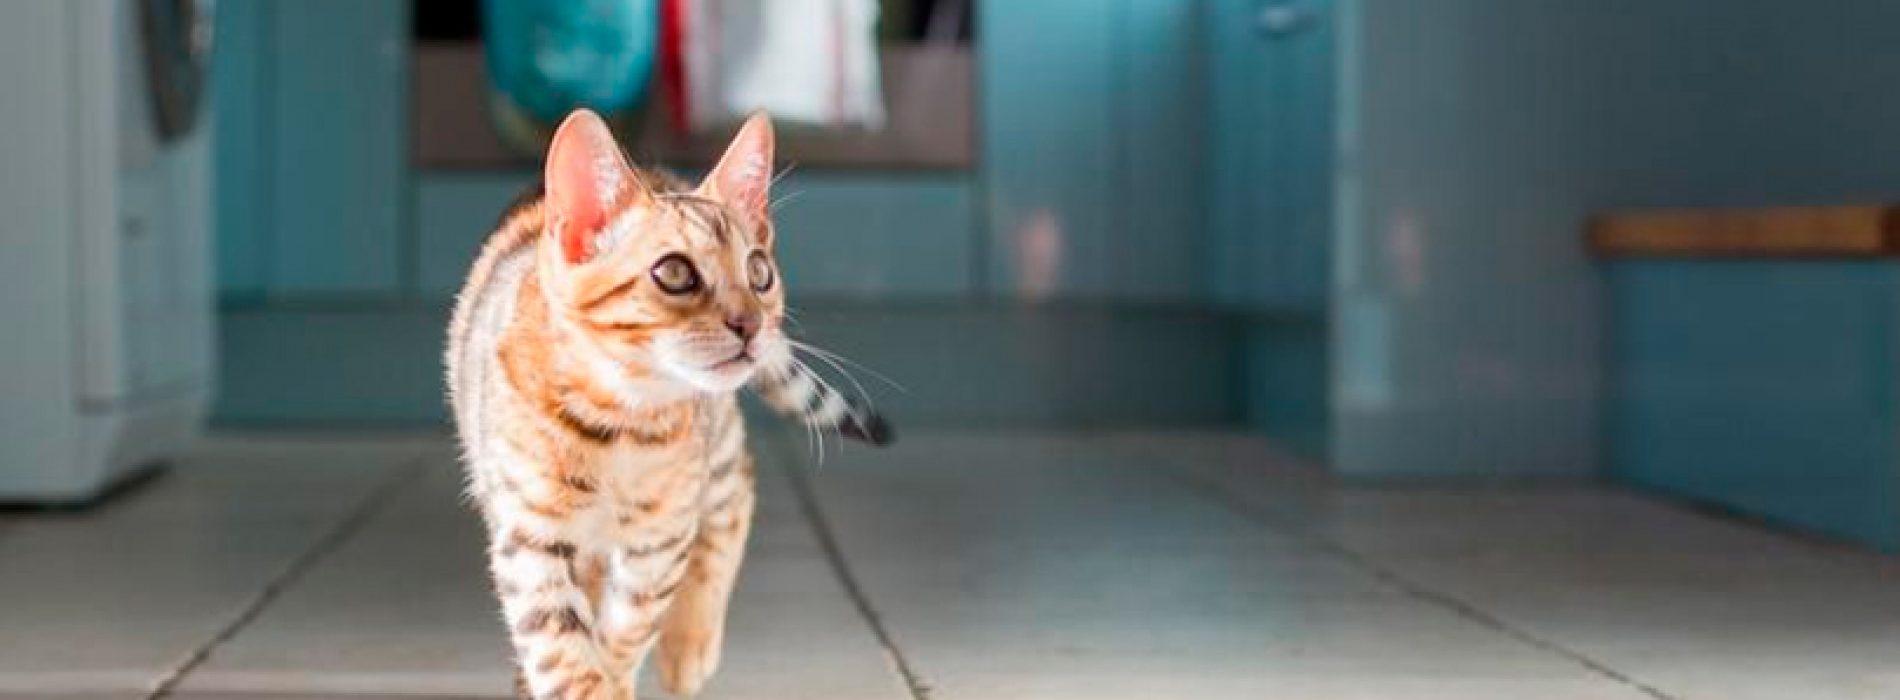 Por qué el nuevo coronavirus afecta a algunos animales pero a otros no